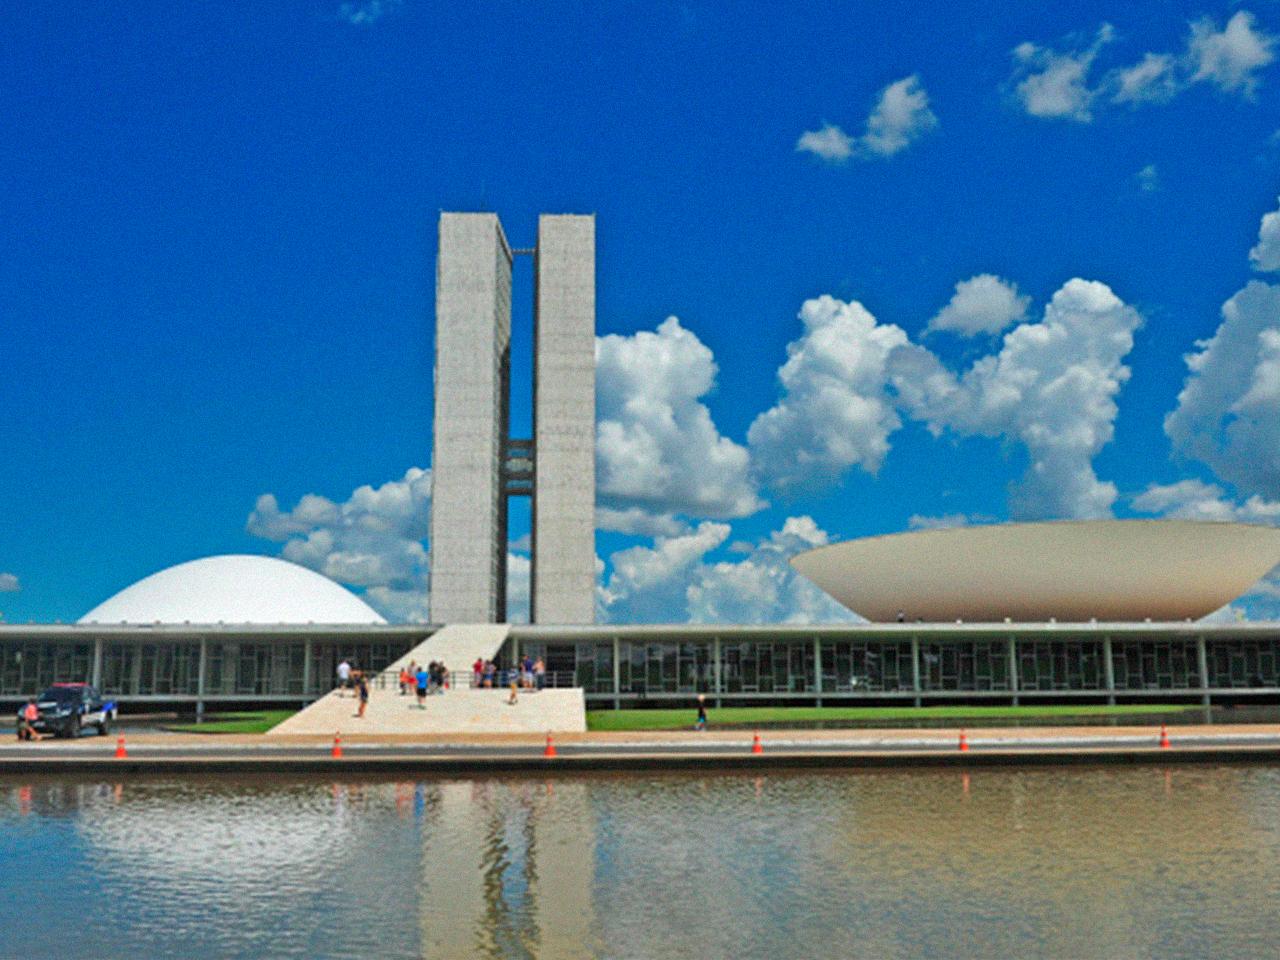 Congelamento salarial de servidores: congressistas articulam derrubar veto de Bolsonaro